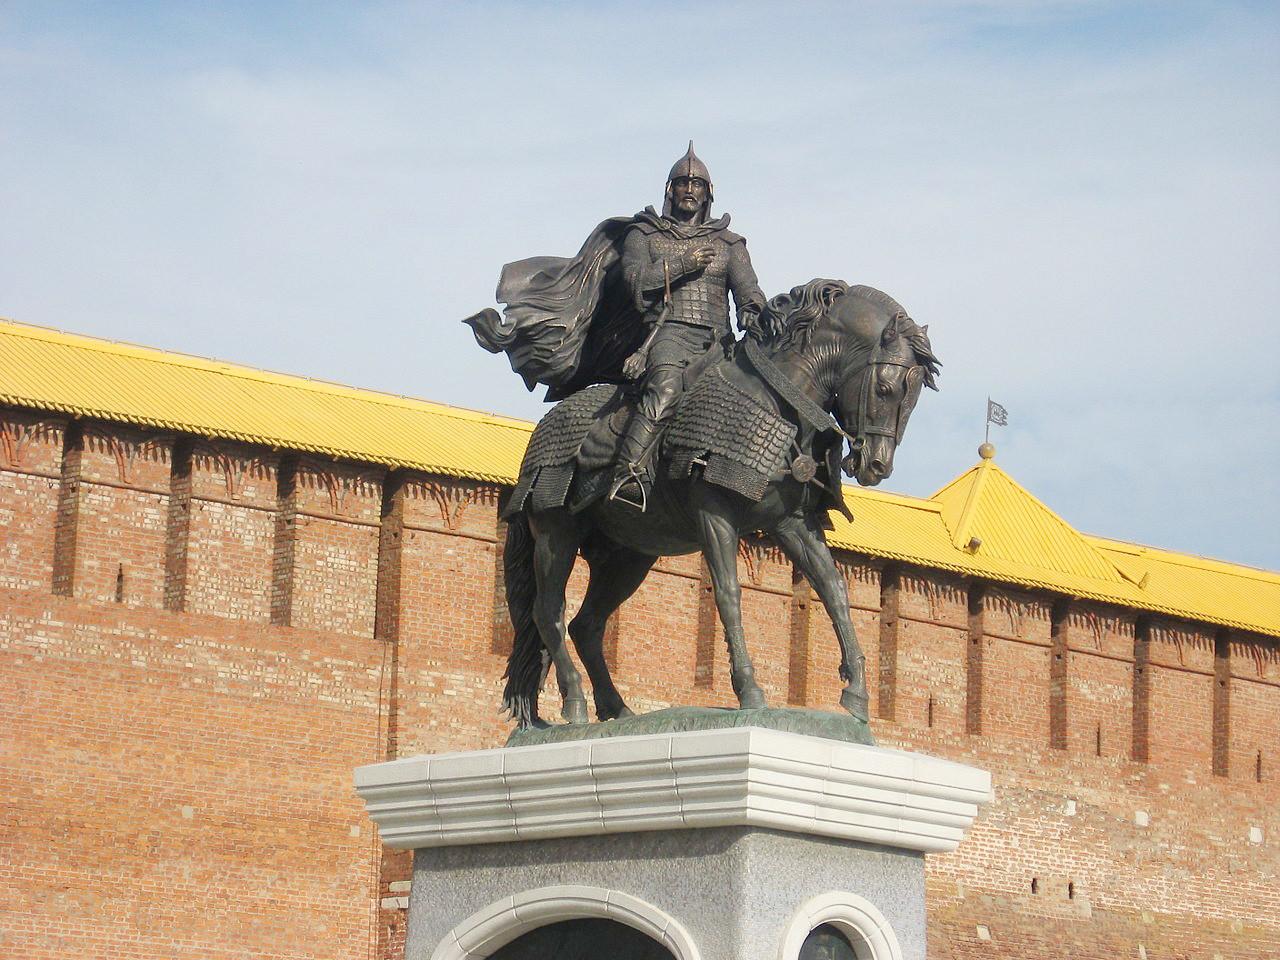 Monument to Dmitry Donskoy outside the Kolomna Kremlin